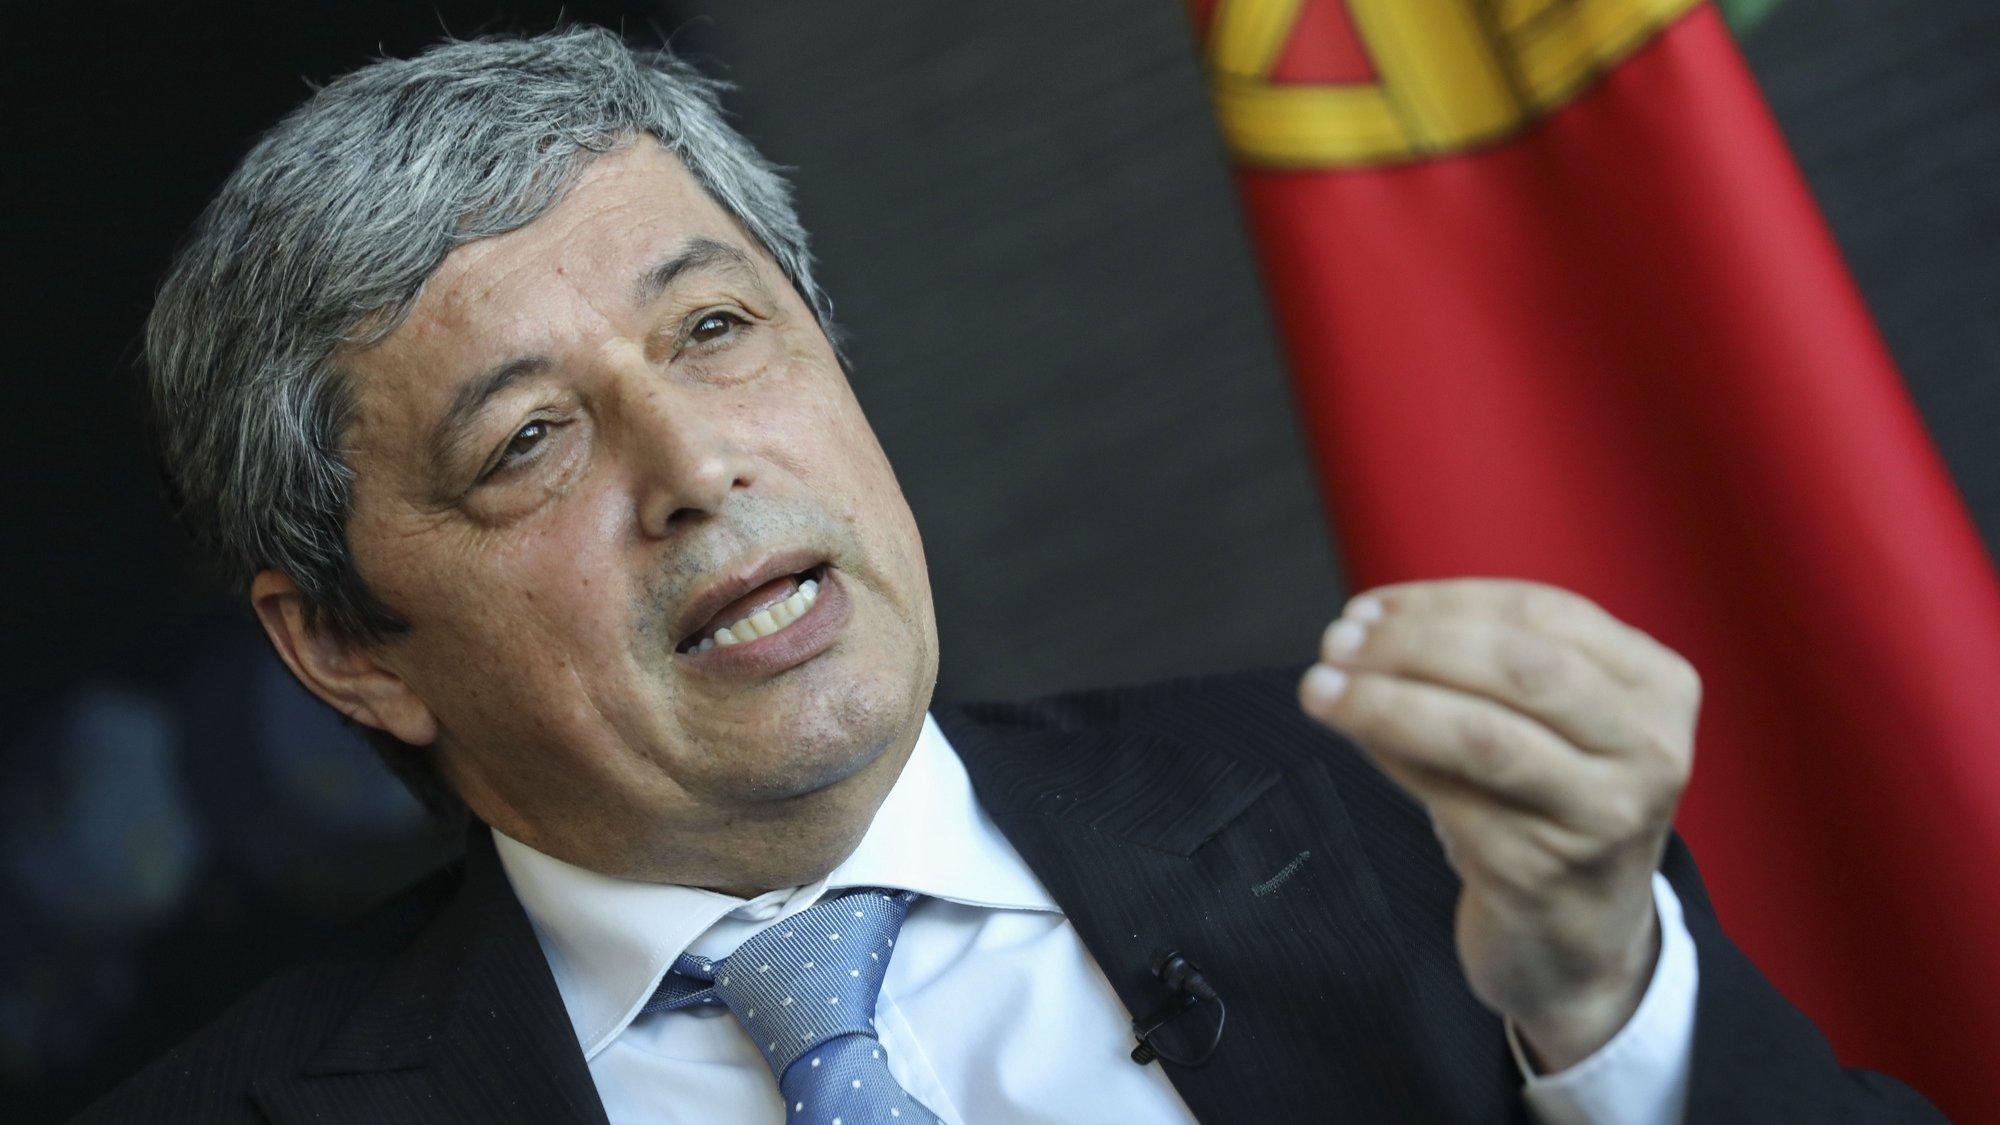 O vice-presidente do Conselho Superior de Magistratura, José António Lameiras, durante uma entrevista à Agência Lusa, em Lisboa, 8 de junho de 2021. (ACOMPANHA TEXTO DE 13 DE JUNHO DE 2021). MIGUEL A. LOPES/LUSA